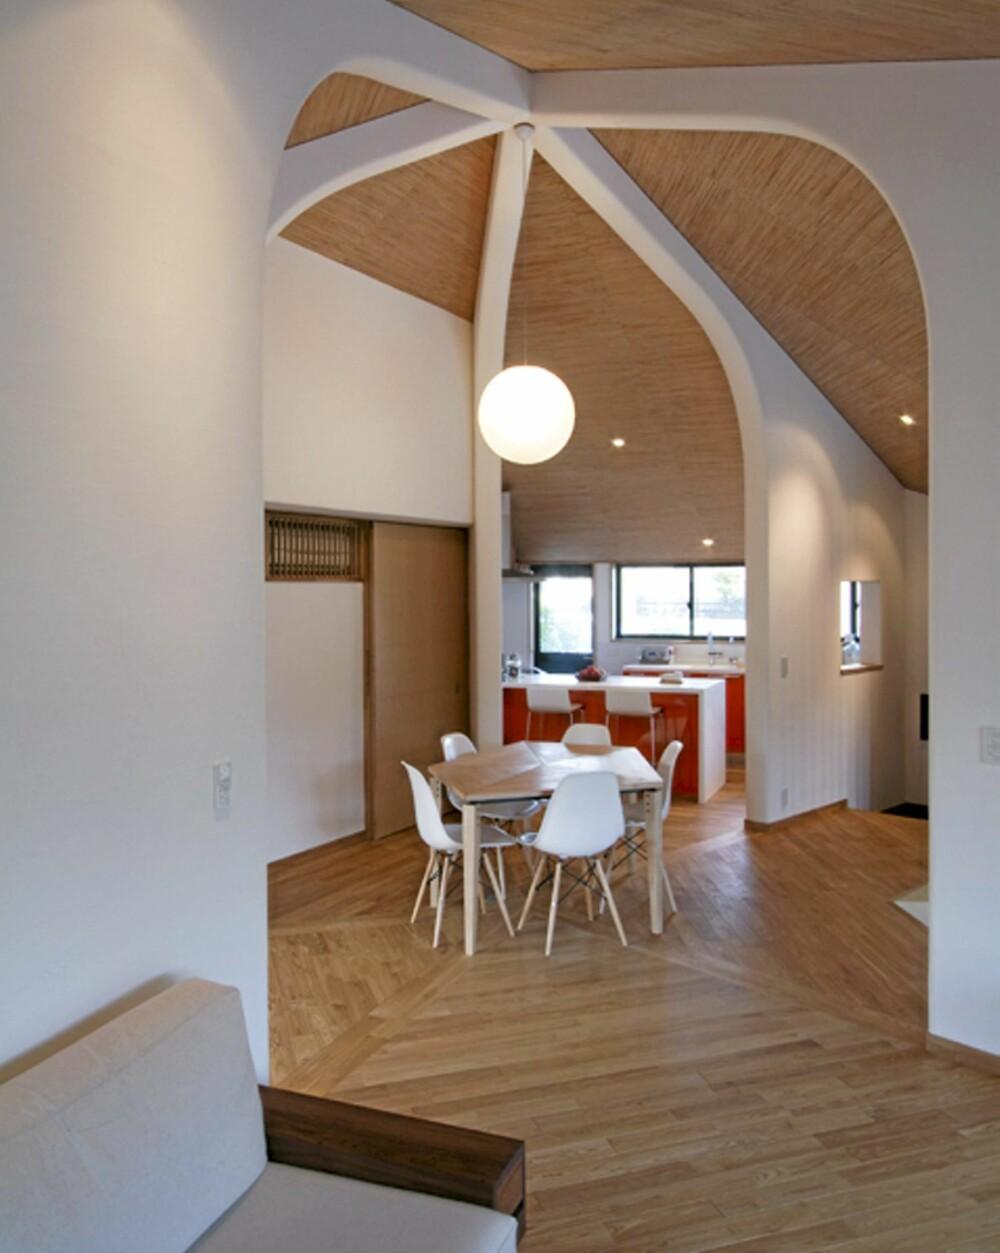 FEM VEGGER: De fem veggene i møtes i midten av huset.